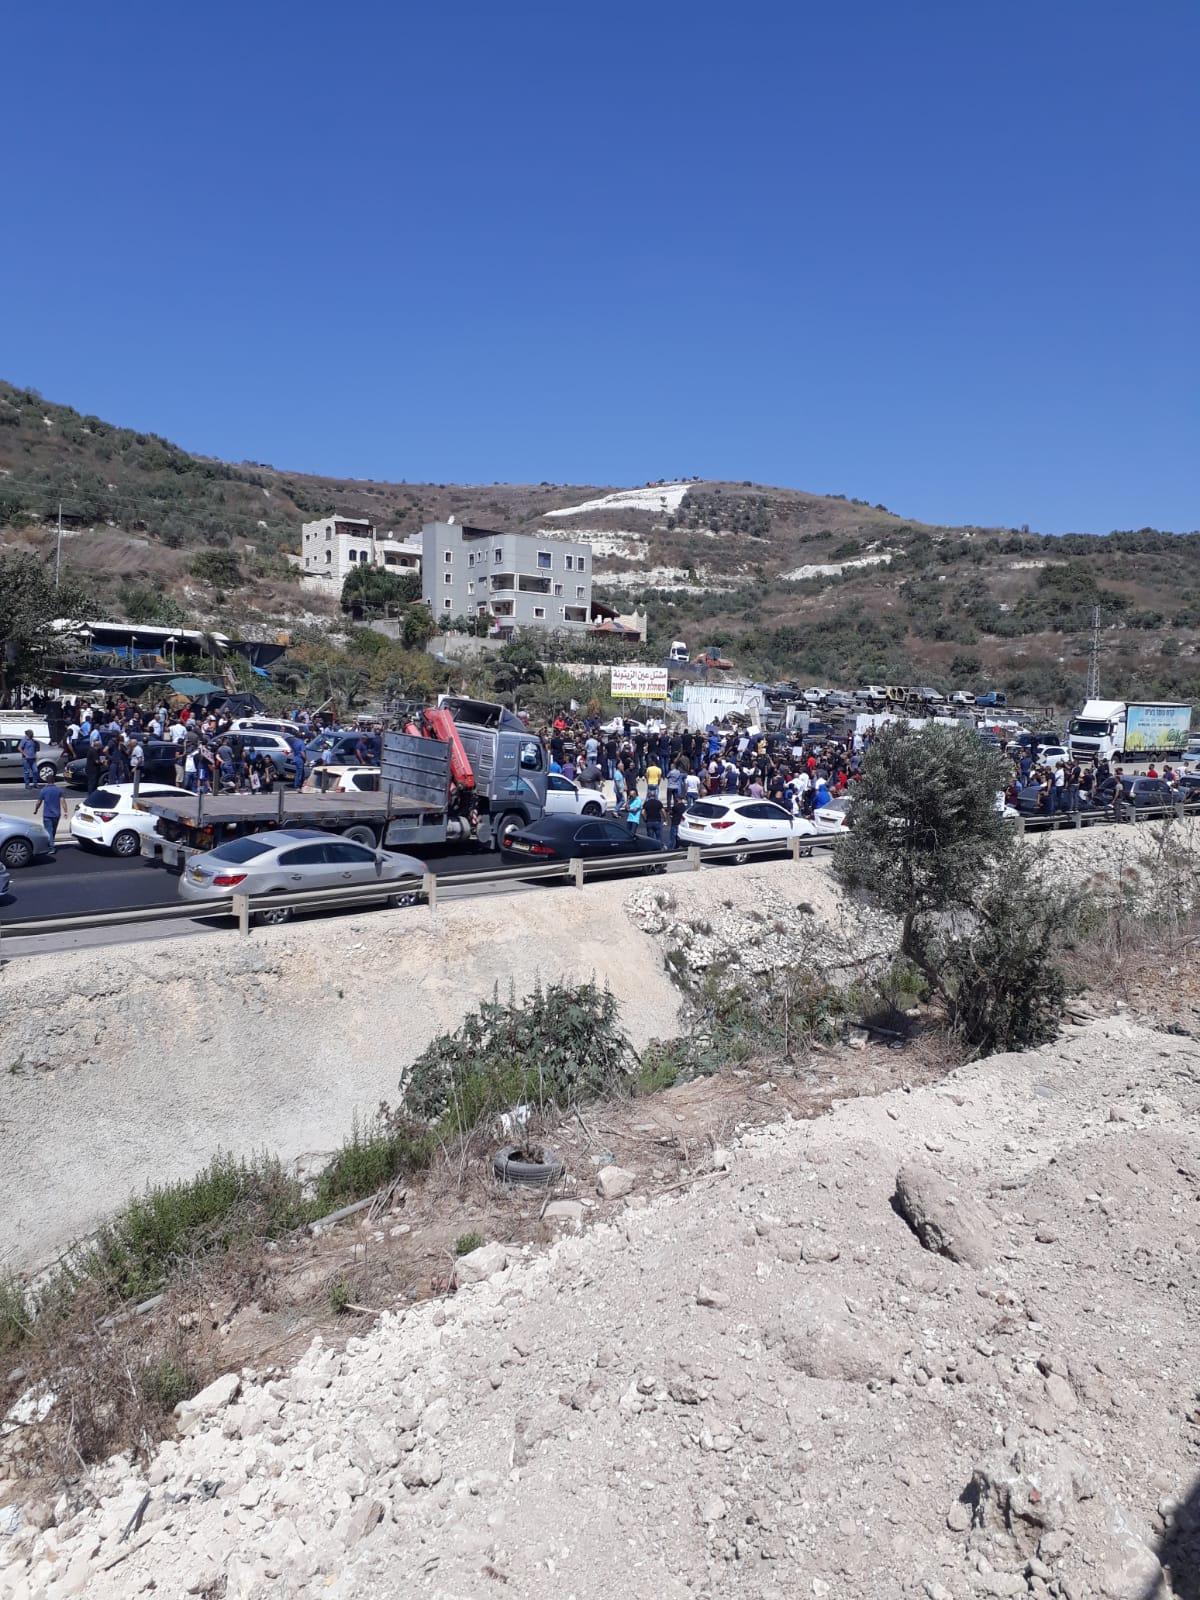 مظاهرة في أم الفحم: إغلاق شارع وادي عارة احتجاجا على الجريمة